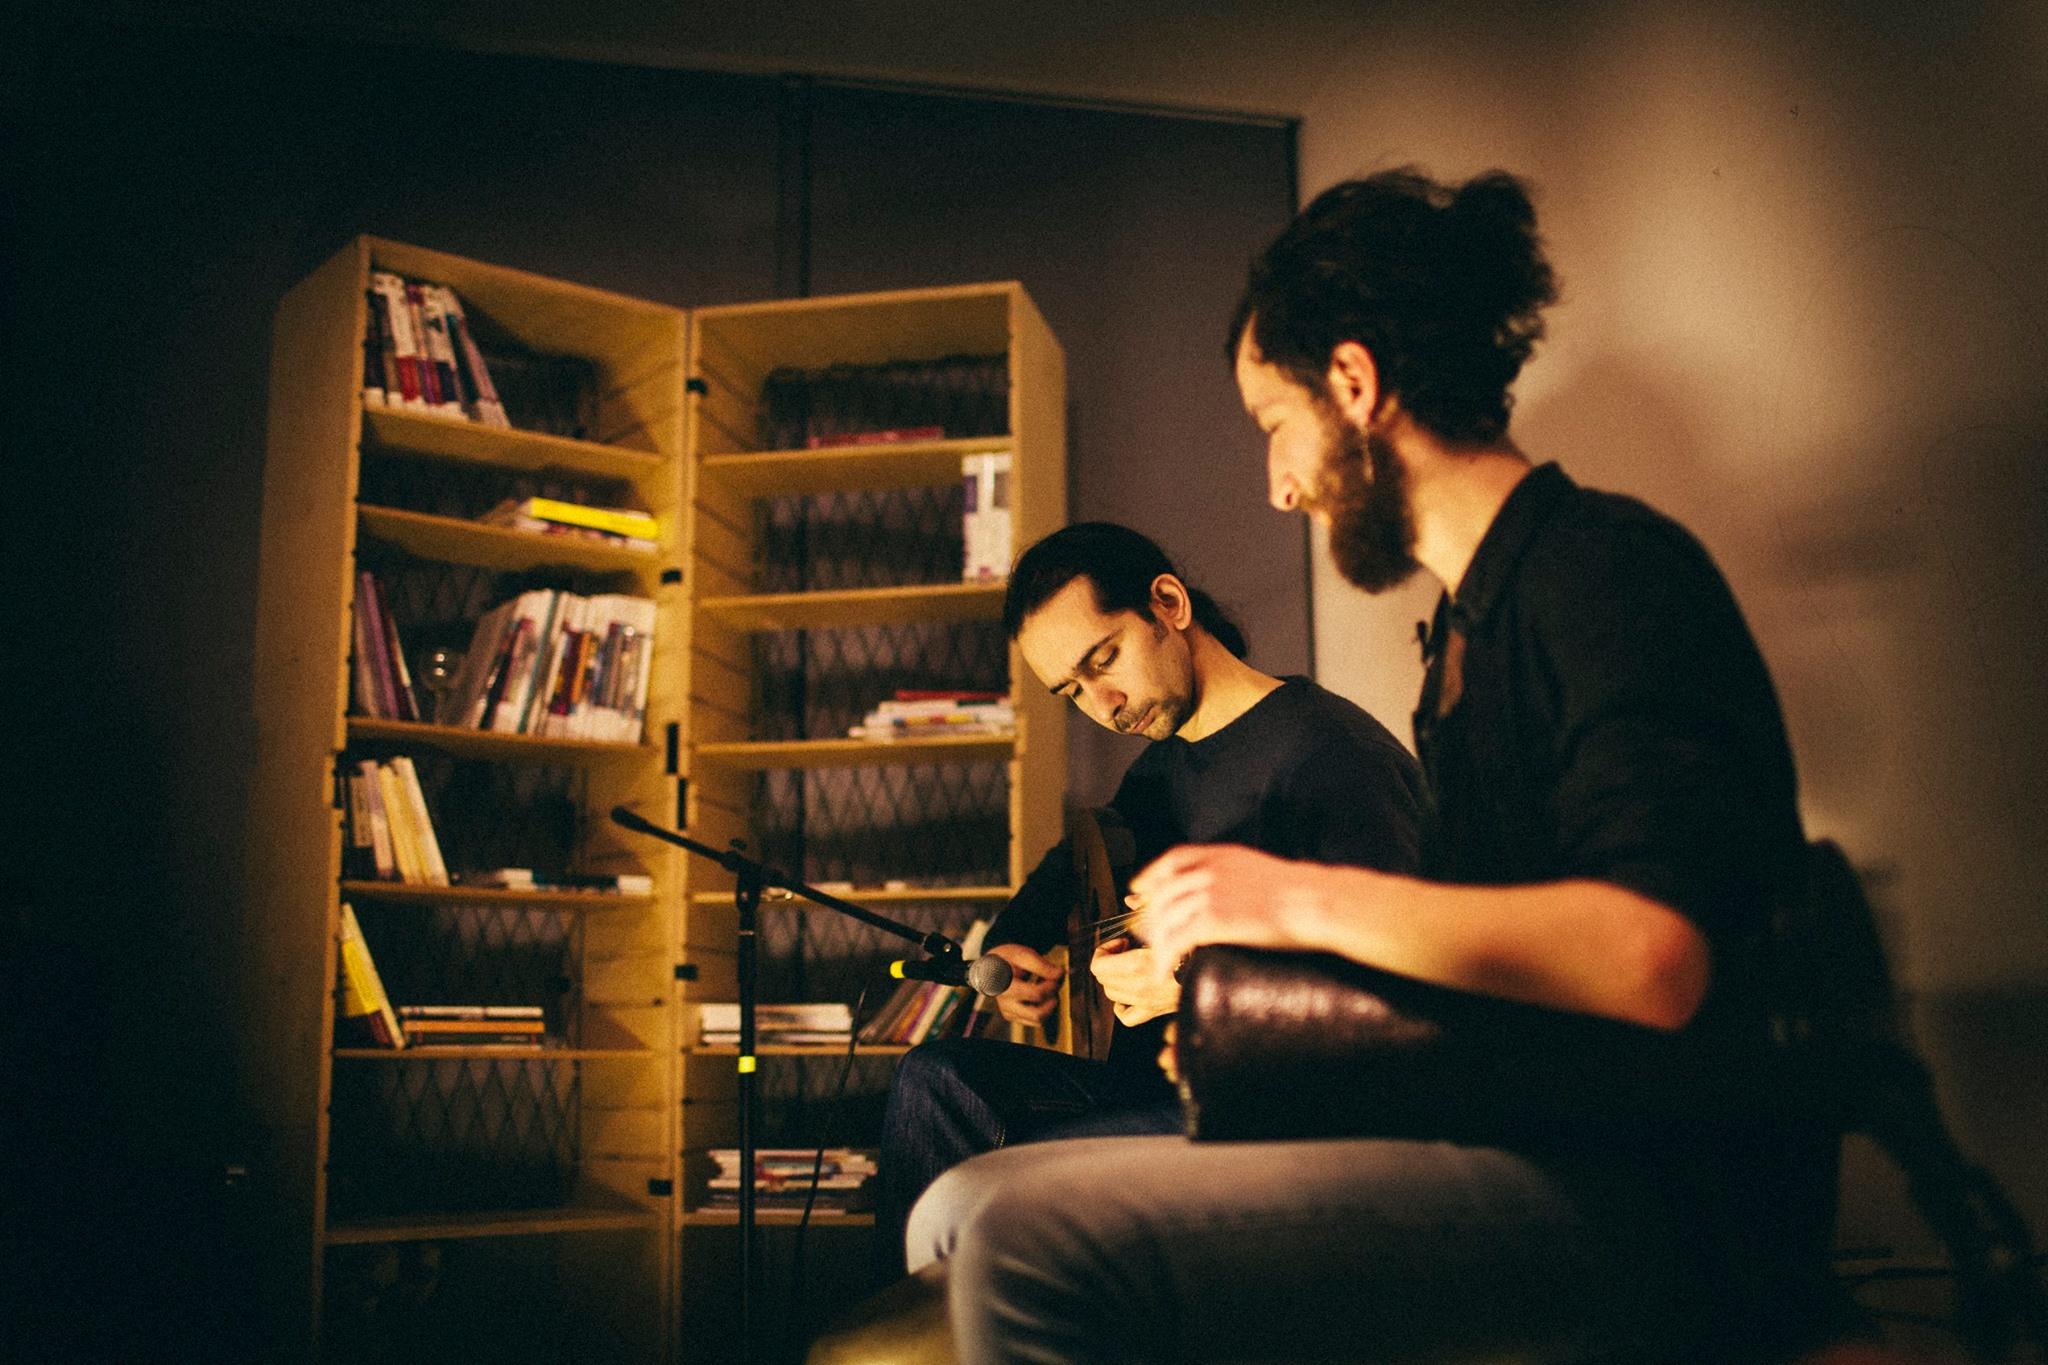 mit baynetna hat eine bibliothek f r arabische kultur er ffnet mit vergn gen berlin. Black Bedroom Furniture Sets. Home Design Ideas